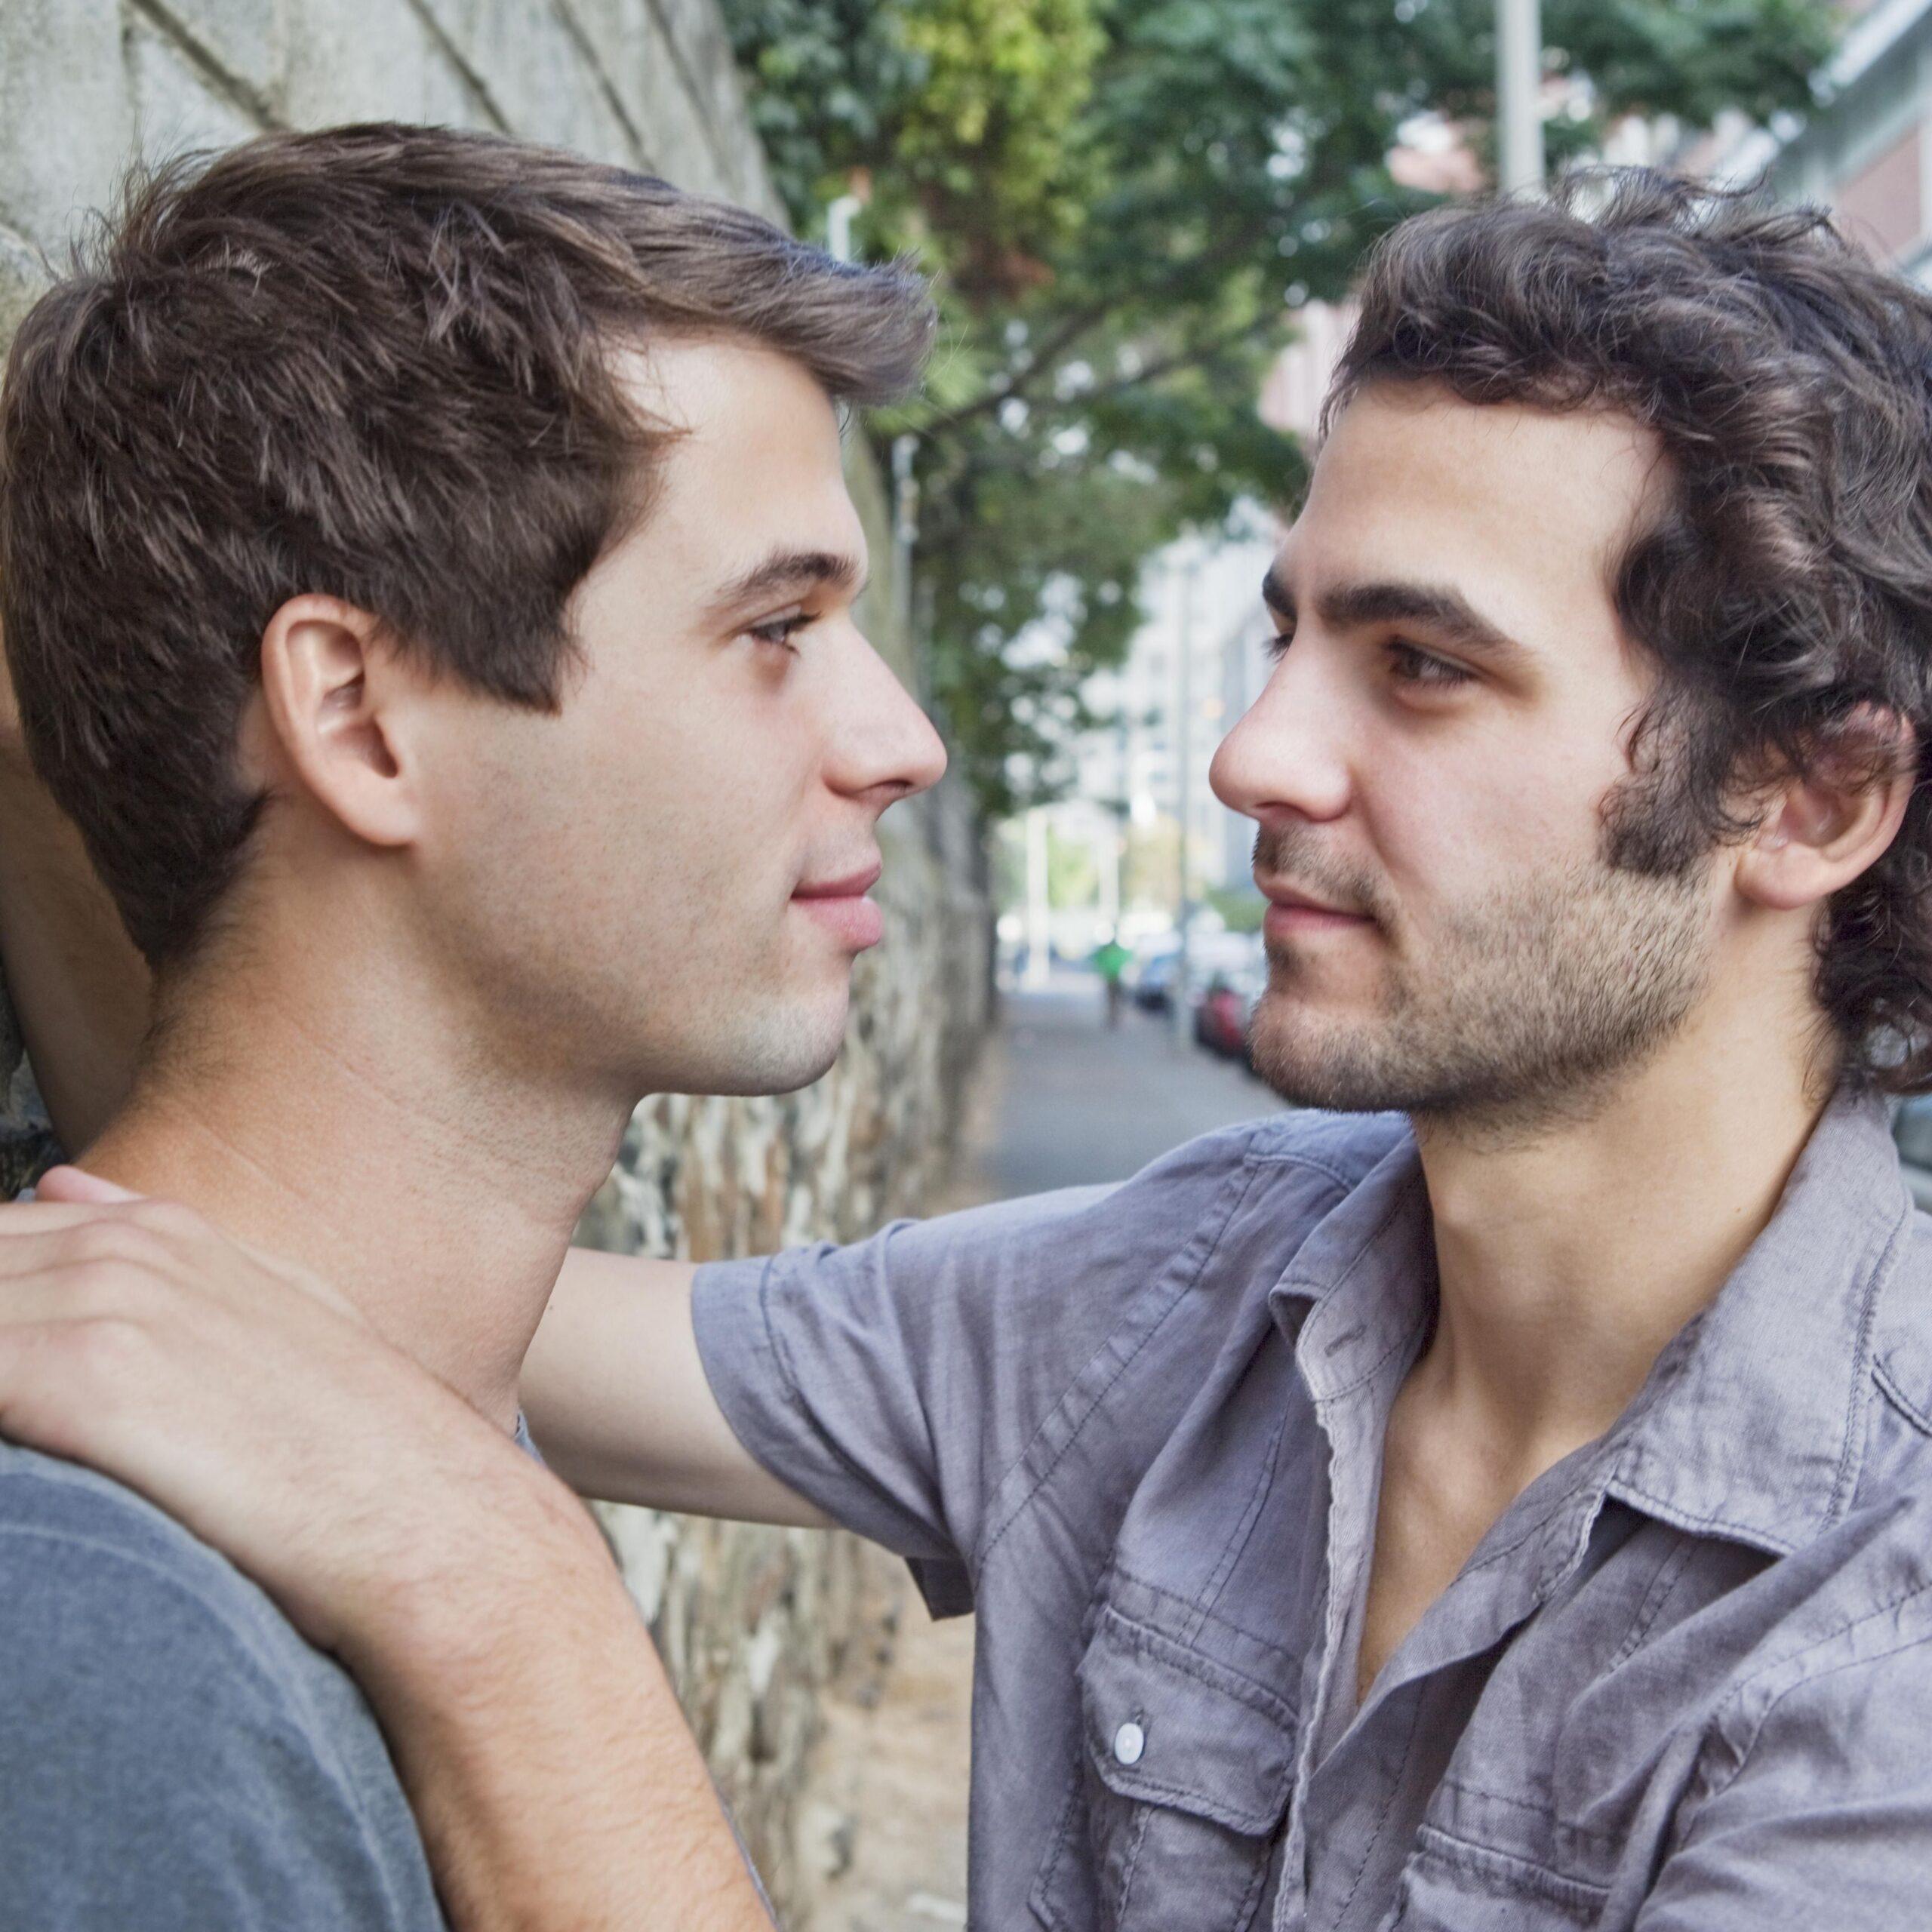 heteros coquetean chicos gay beneficios interes